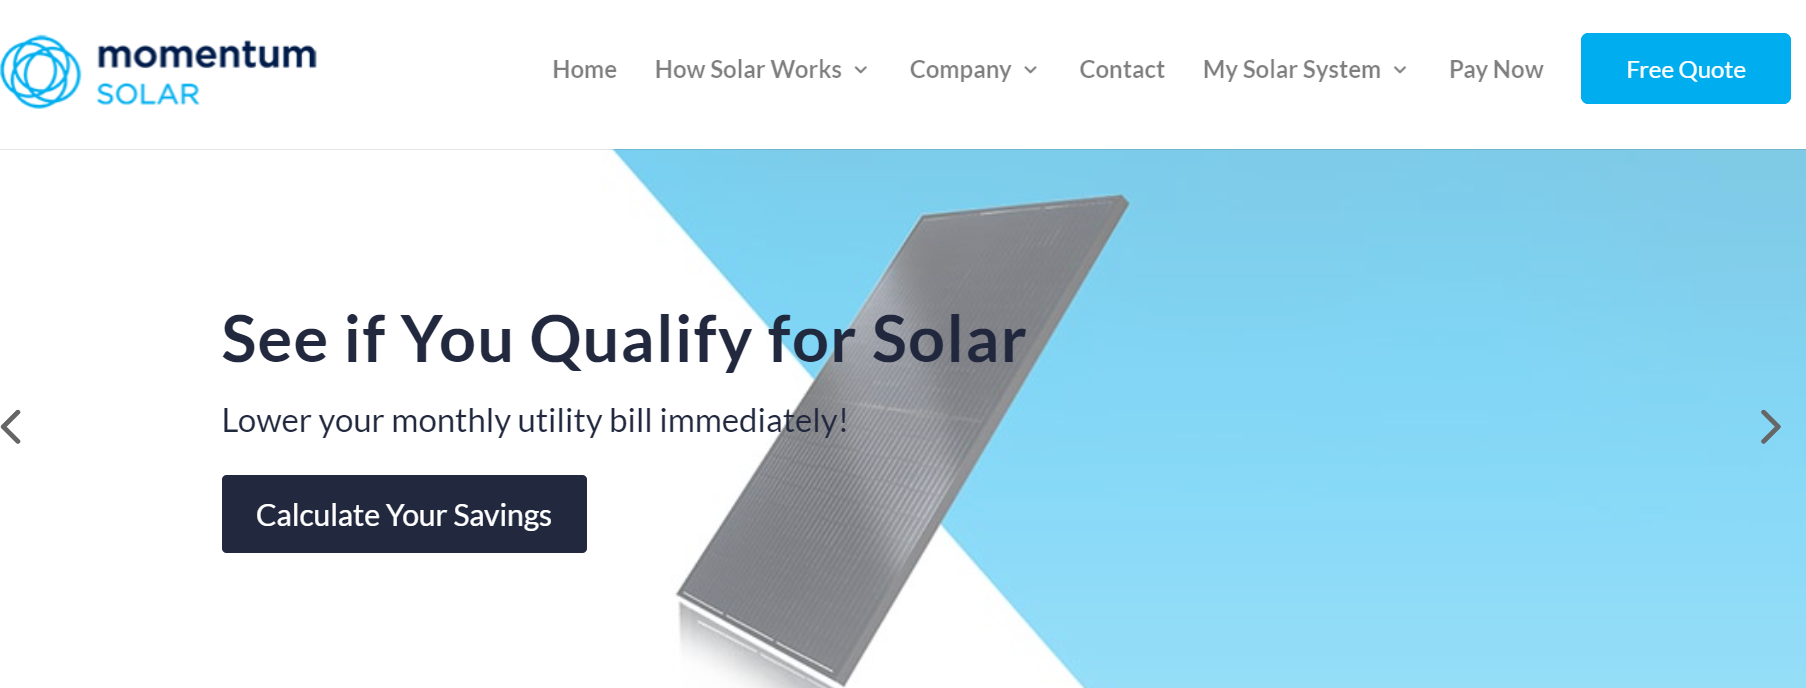 Momentum Solar